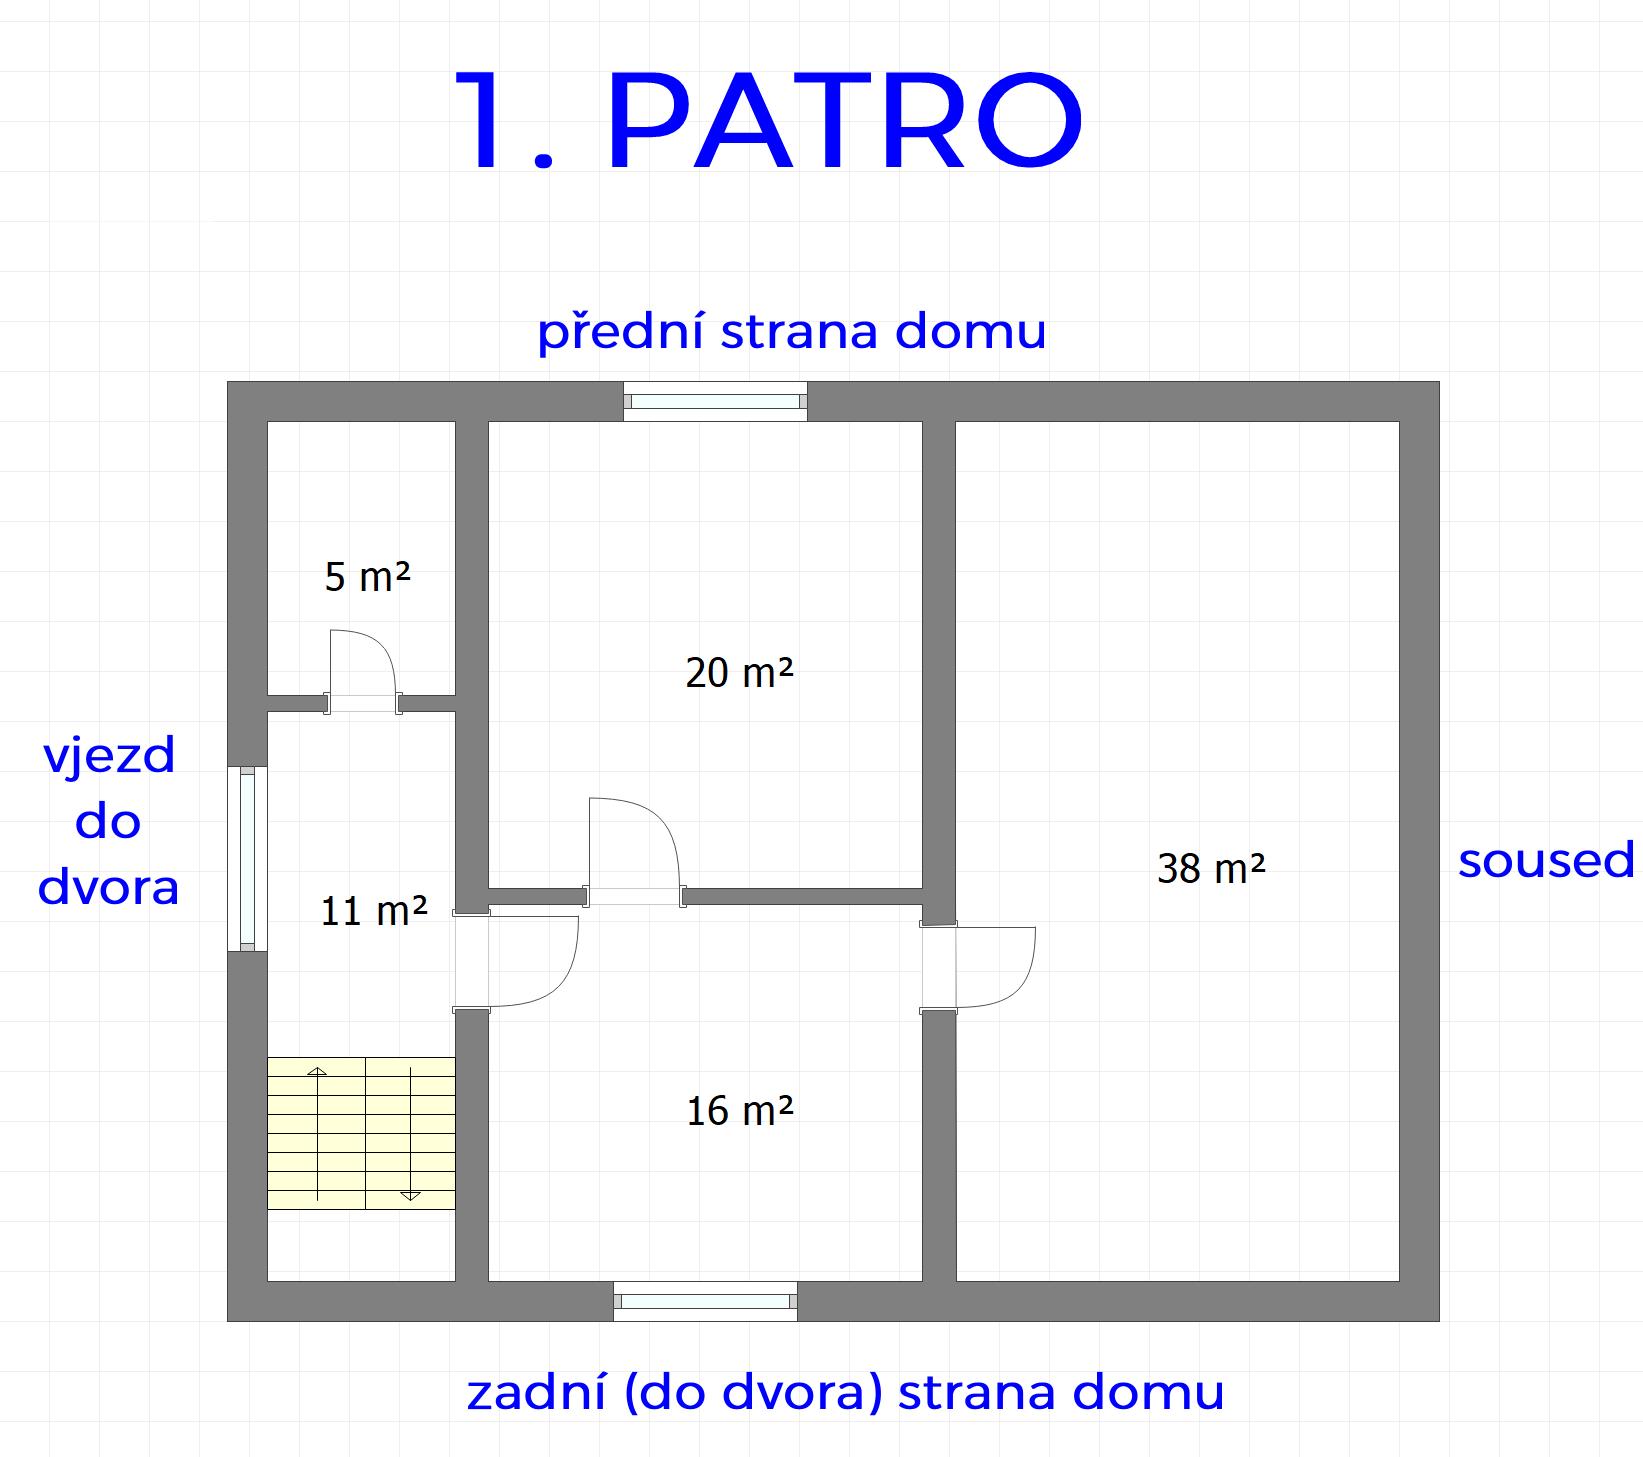 prodej domu ve Svatobořicích - půdorys 1. patra